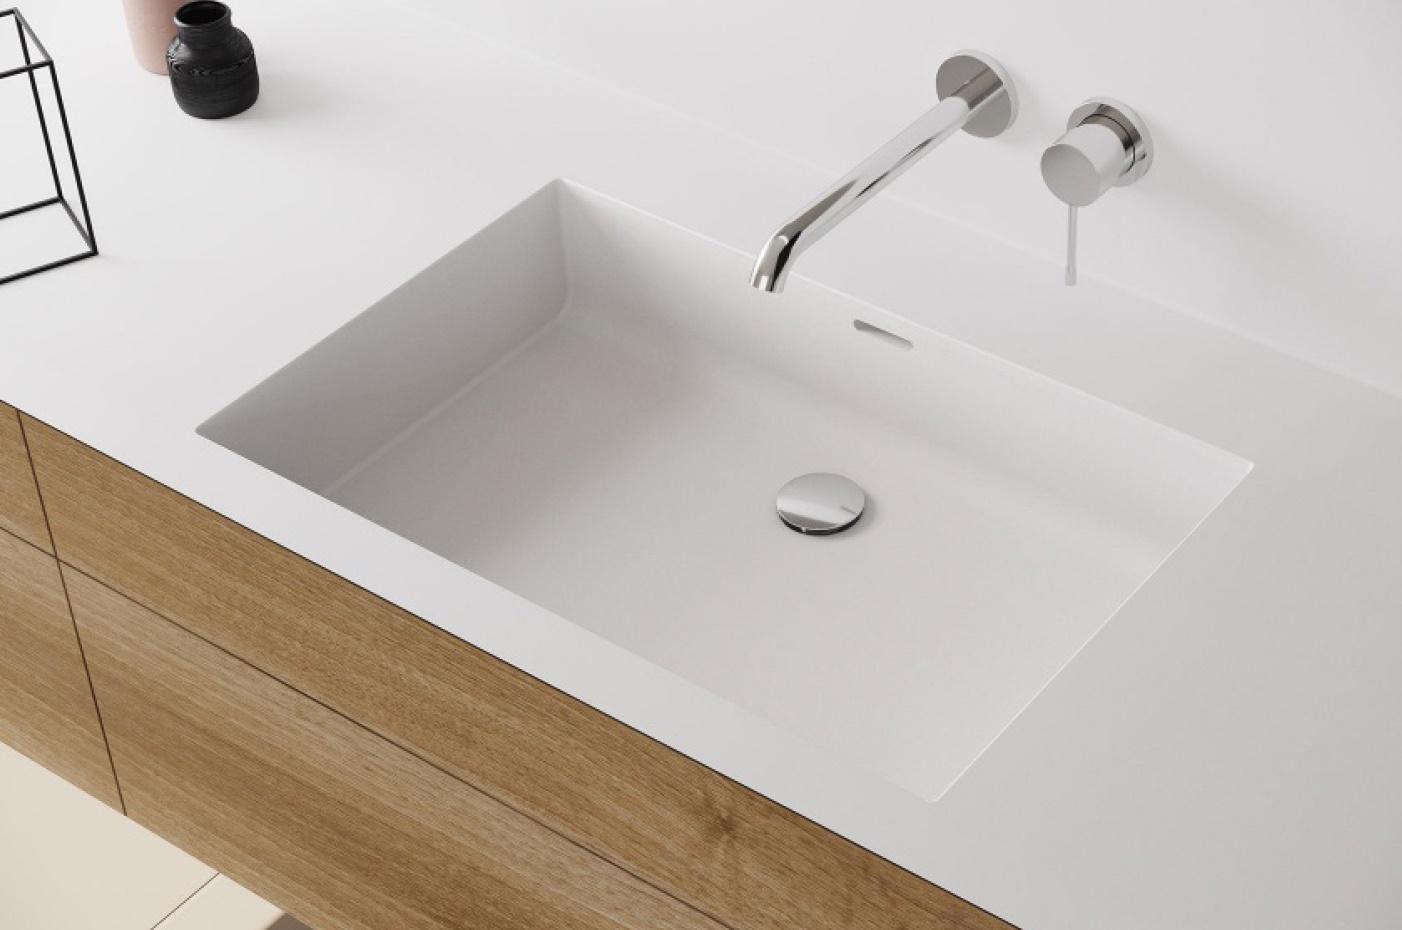 Komposiittialtaat voidaan liittää saumattomasti komposiittitasoihin, jolloin ne tarjoavat hygieenisen ja helppohoitoisen kokonaisuuden. Altaan muodon, koon ja sijainnin tasossa voi valita toiveiden mukaan.